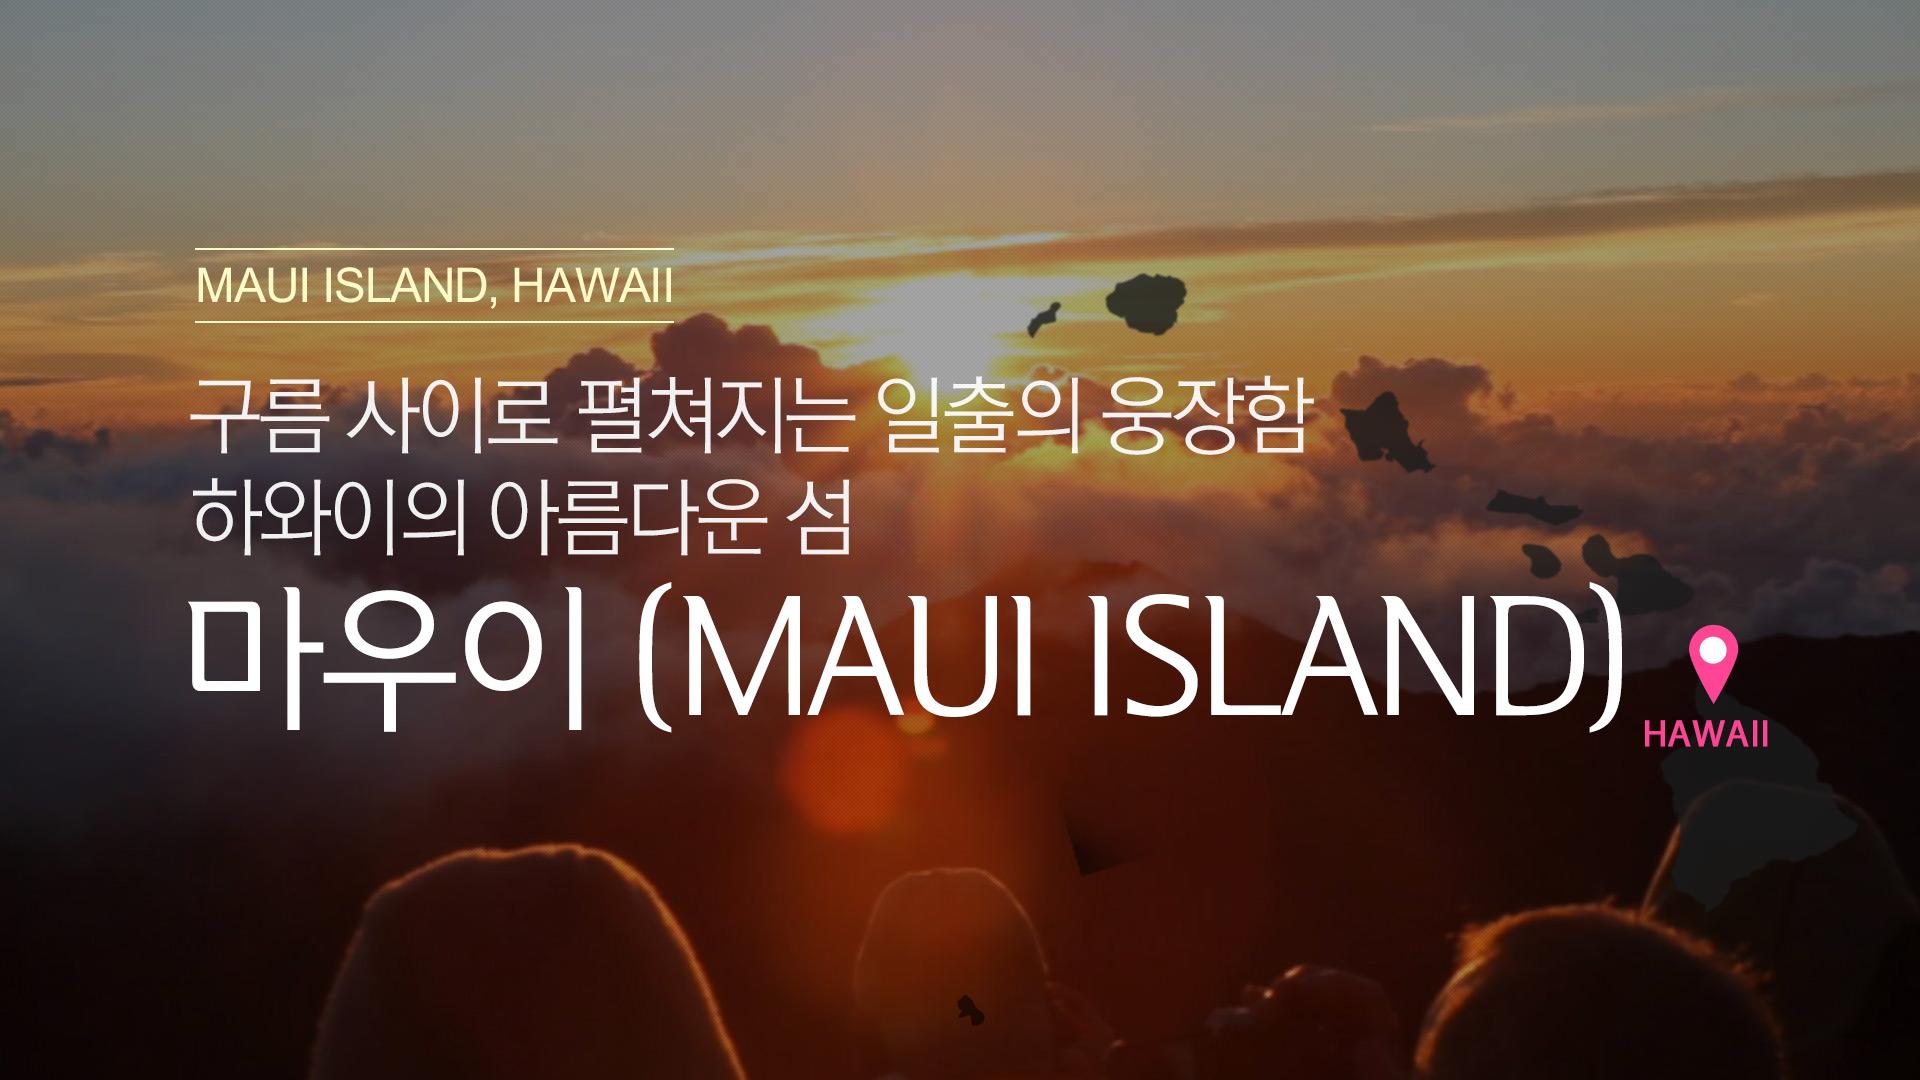 [하와이] 마우이 할레아칼라의 아름다운 일출